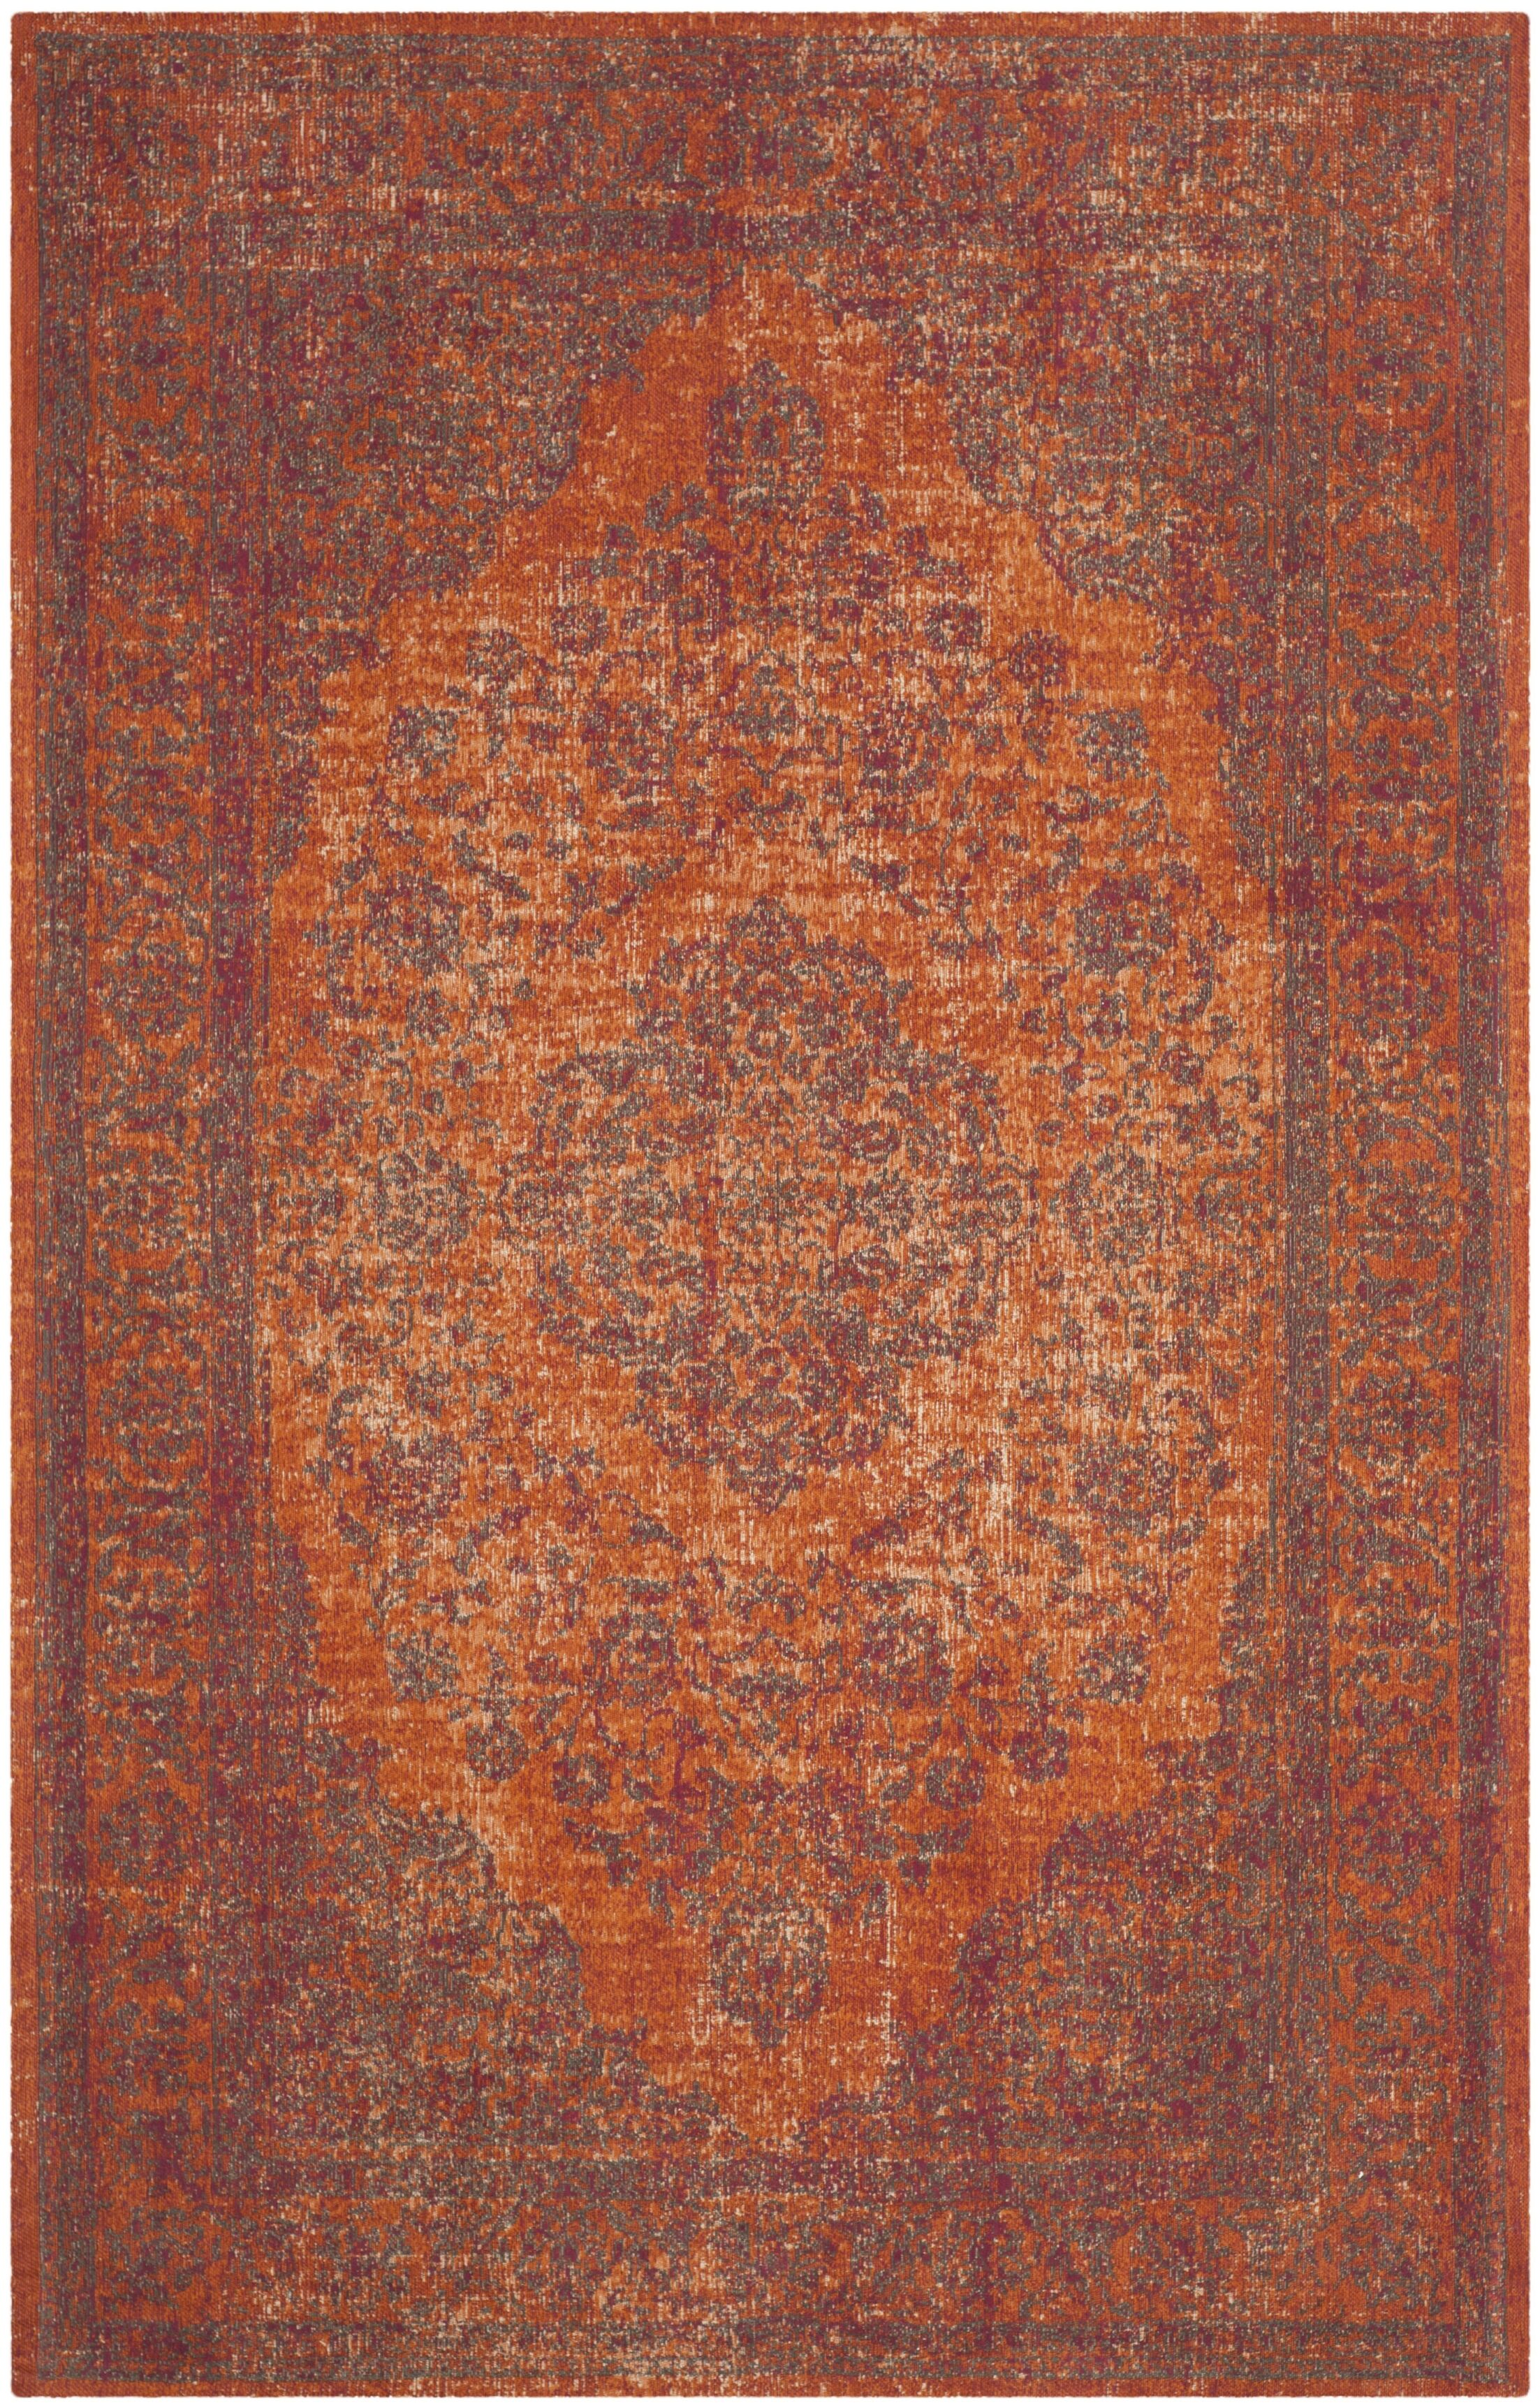 Thompson La Foa Red Area Rug Rug Size: Rectangle 8' x 11'